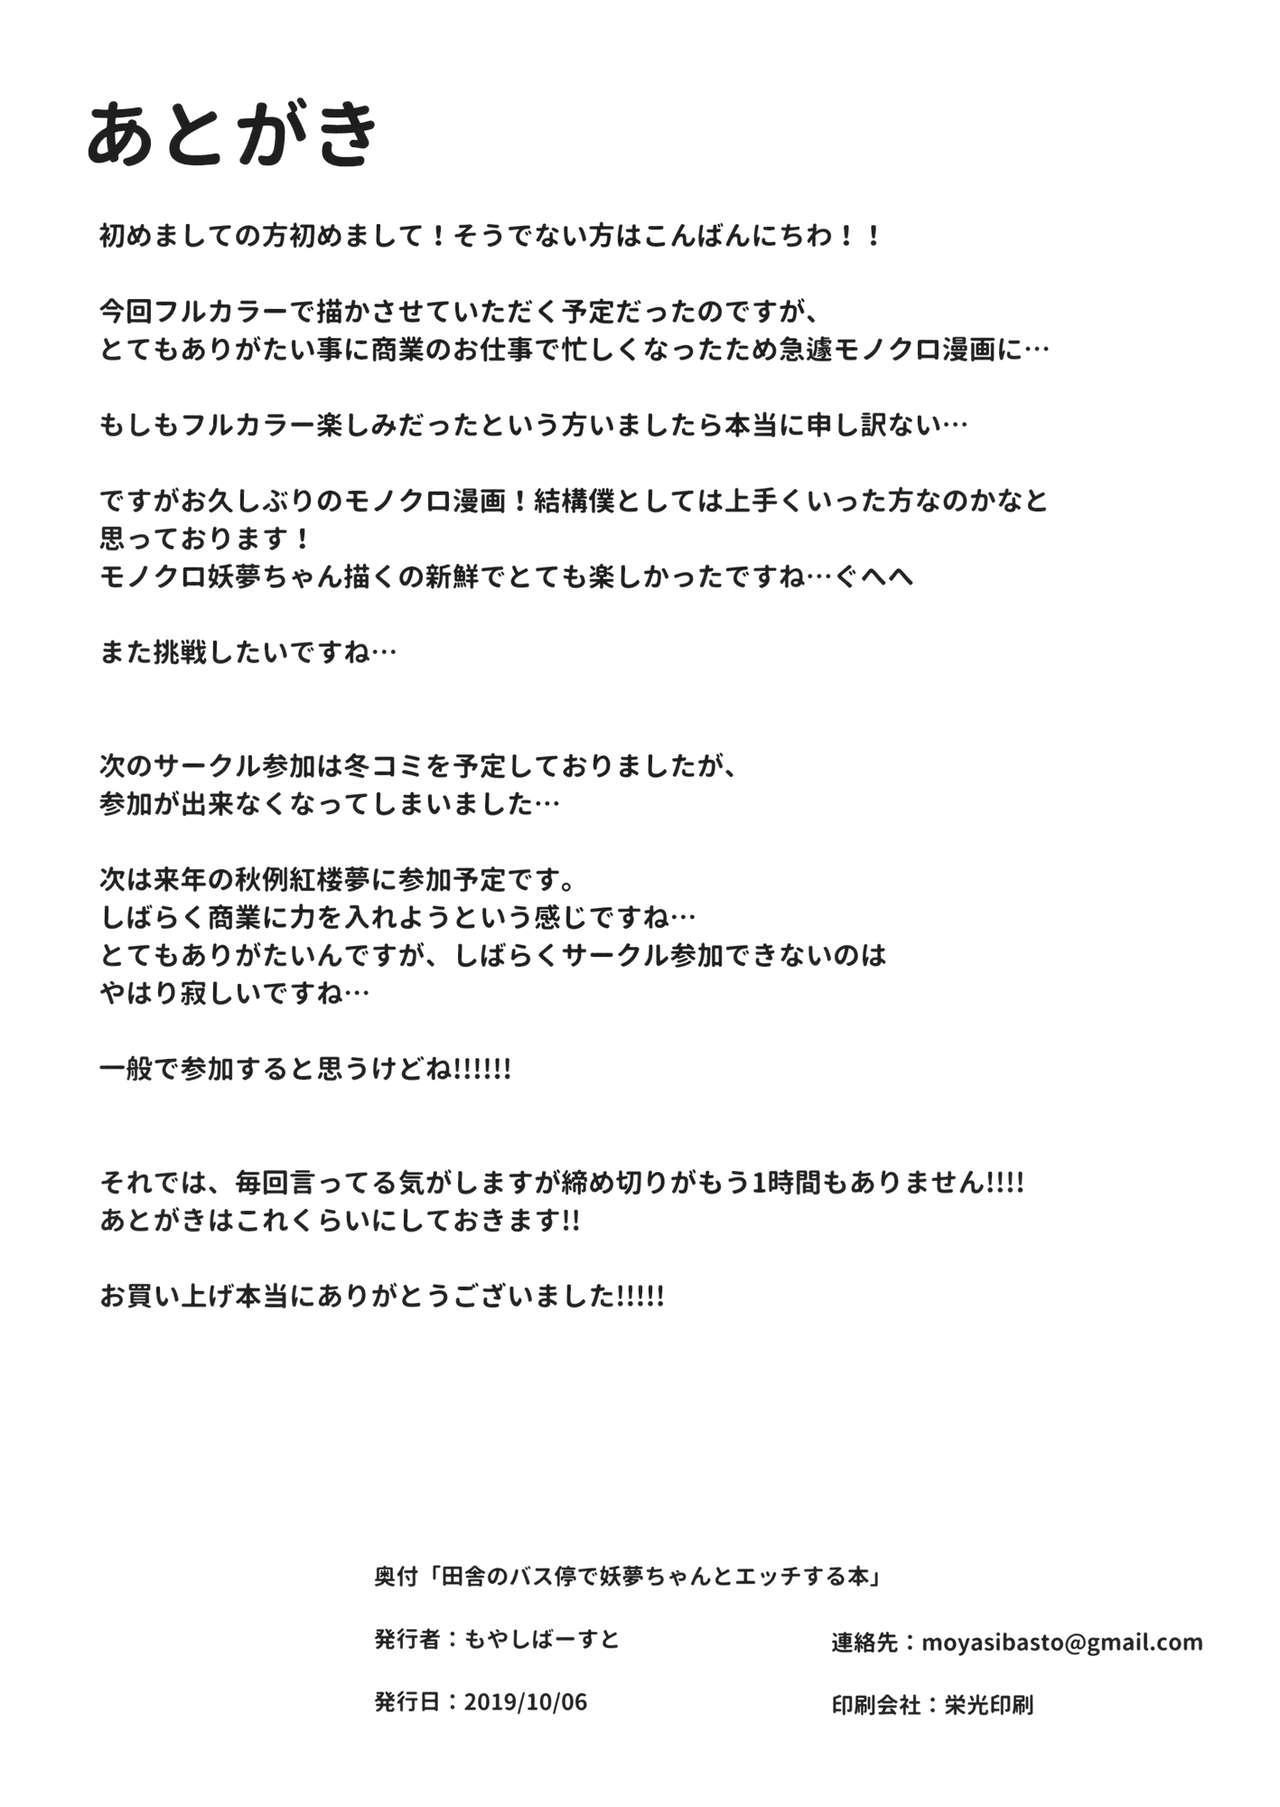 Inaka no Bustei Youmu-chan to Ecchi suru Hon 16